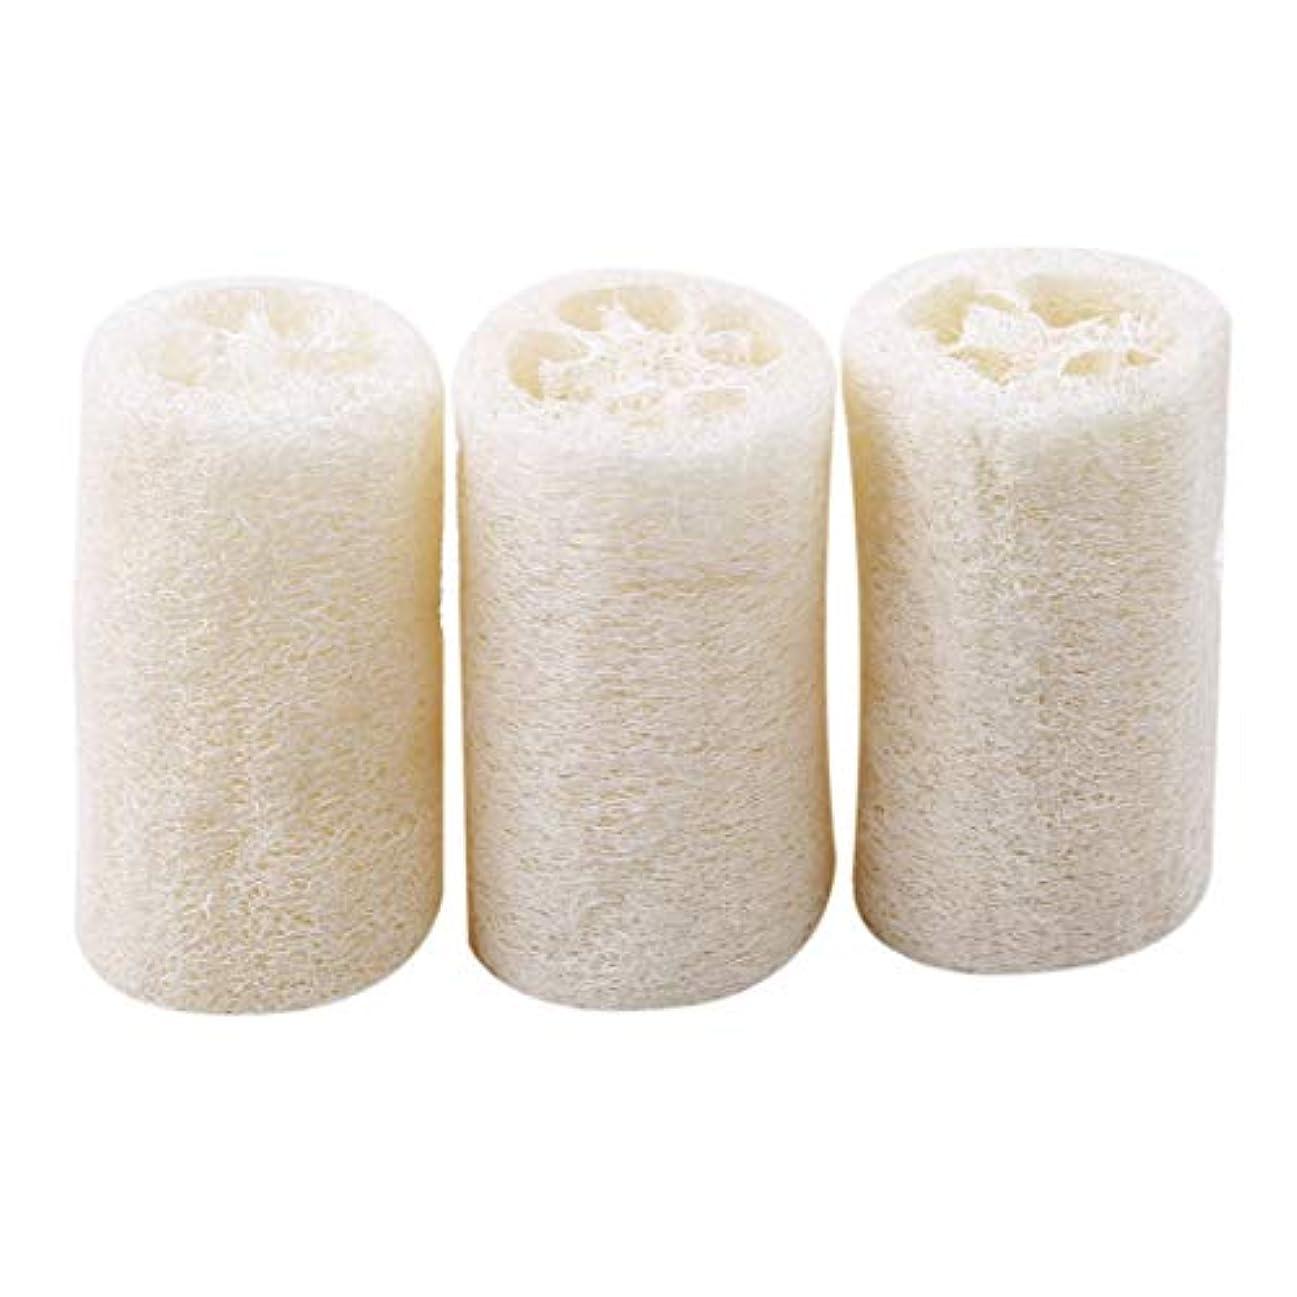 マインドフルキャロラインキャンセルOnior 耐久性 ボディースポンジ へちま お風呂 清掃 洗浄作業 3個セット